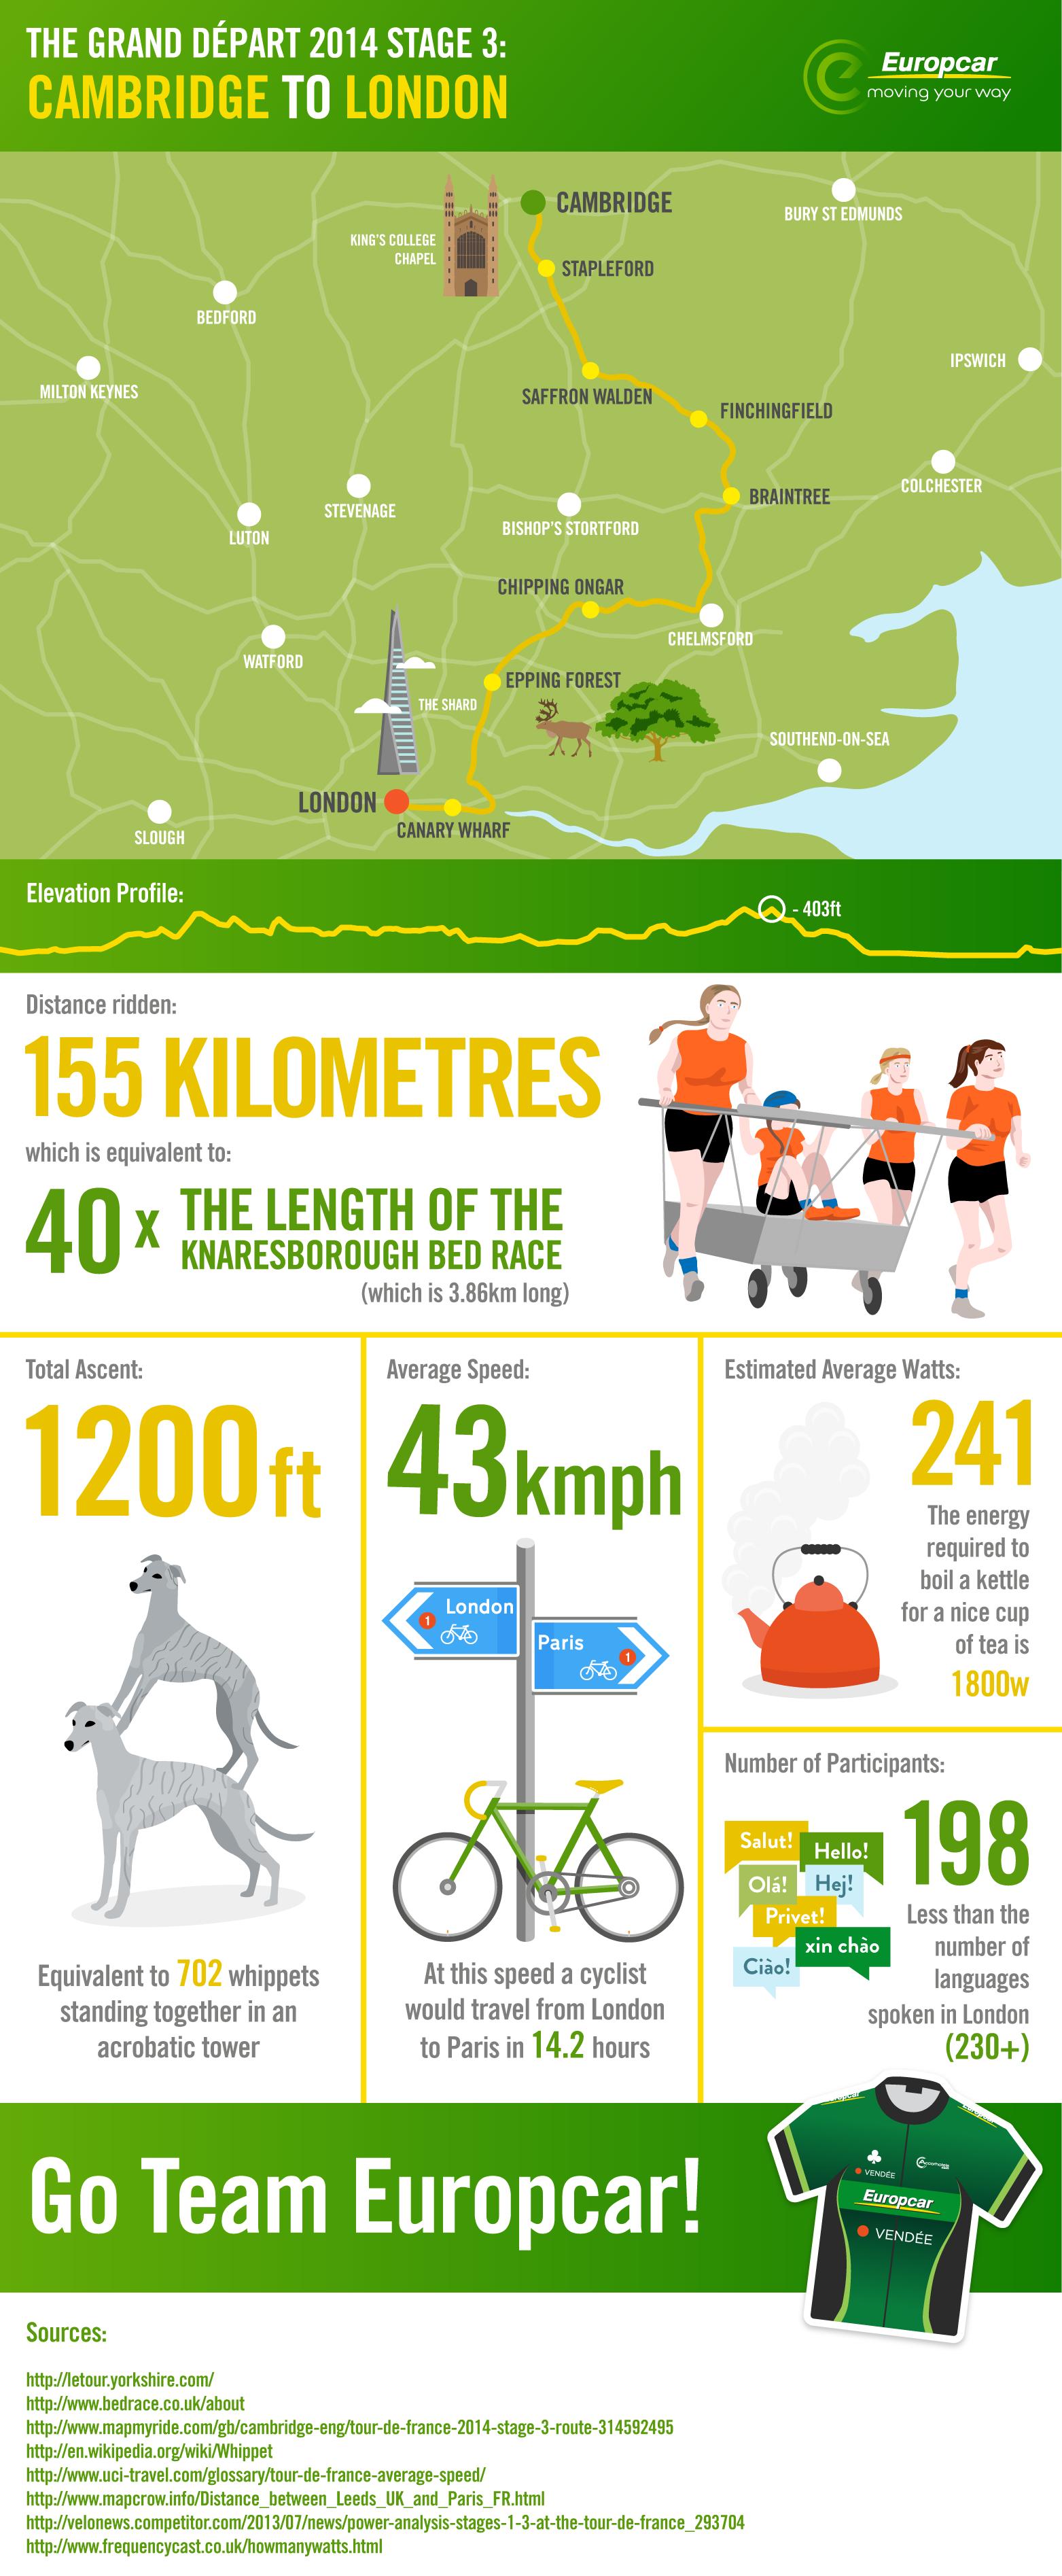 Tdy Tour De France Stage 3 Map Cambridge London Europcar Uk